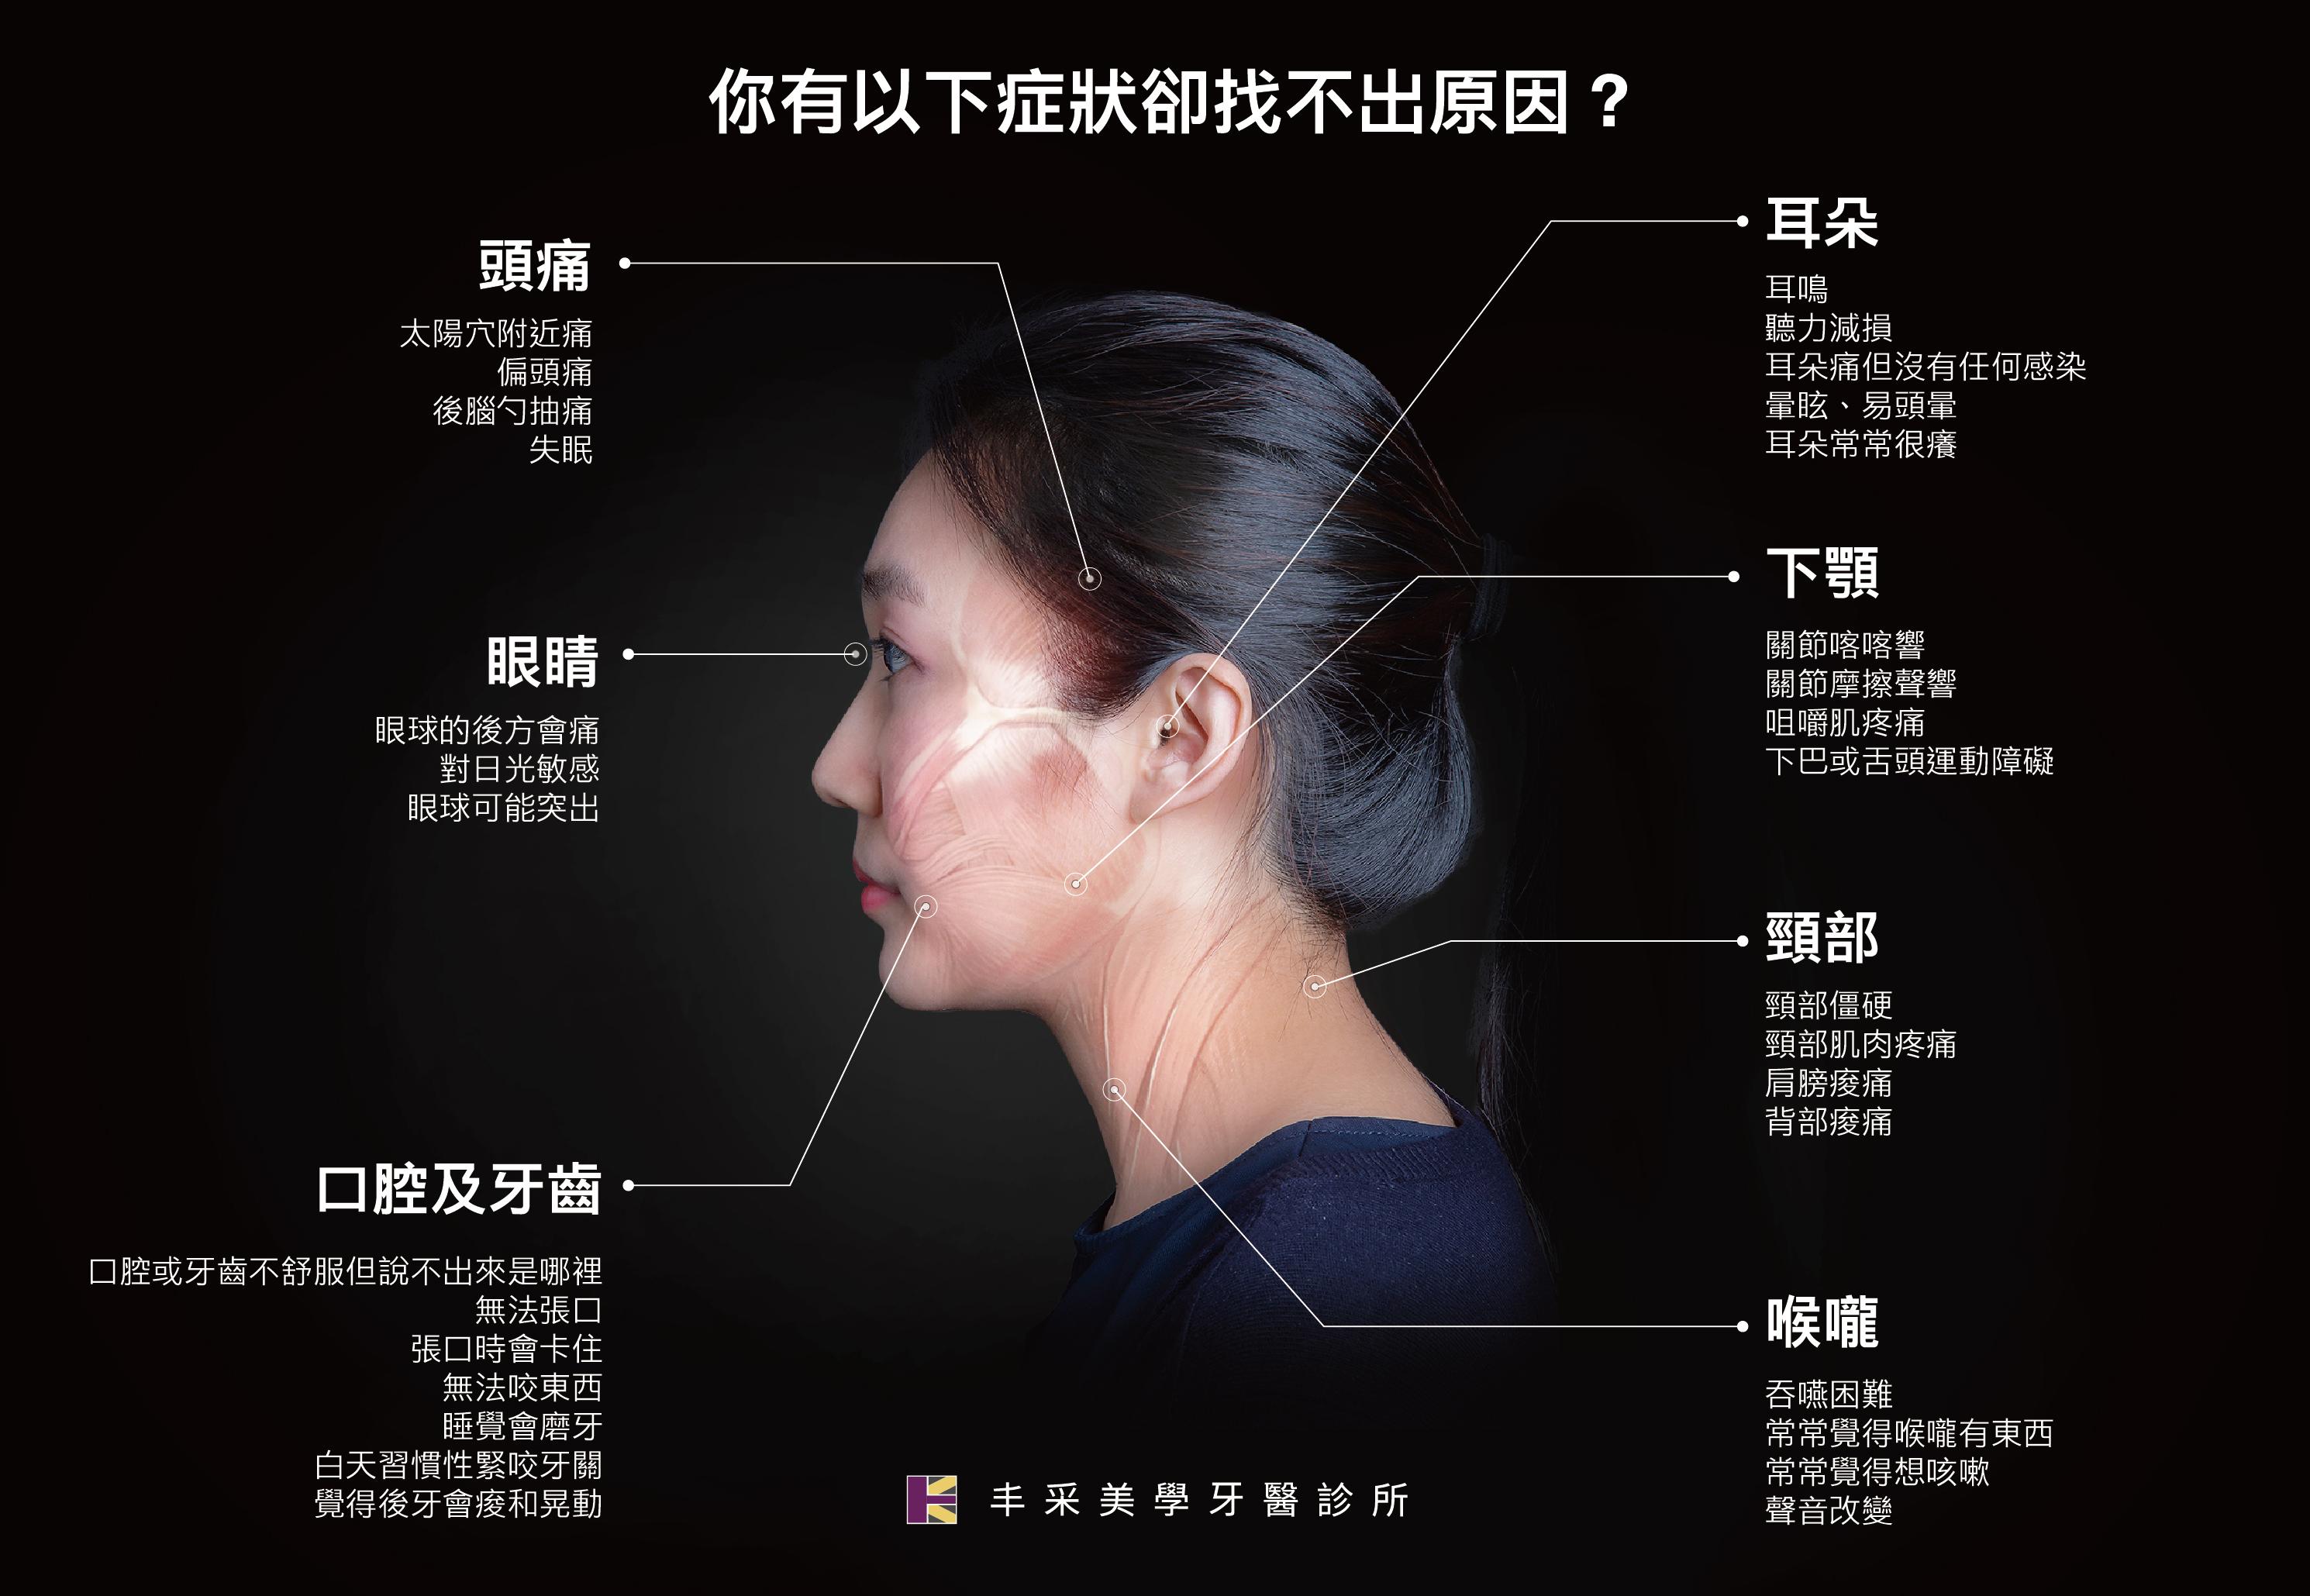 顳顎關節炎|頭痛、耳朵痛、張口卡卡困難、臉歪都可能是顳顎關節障礙徵兆|豐采美學牙醫診所